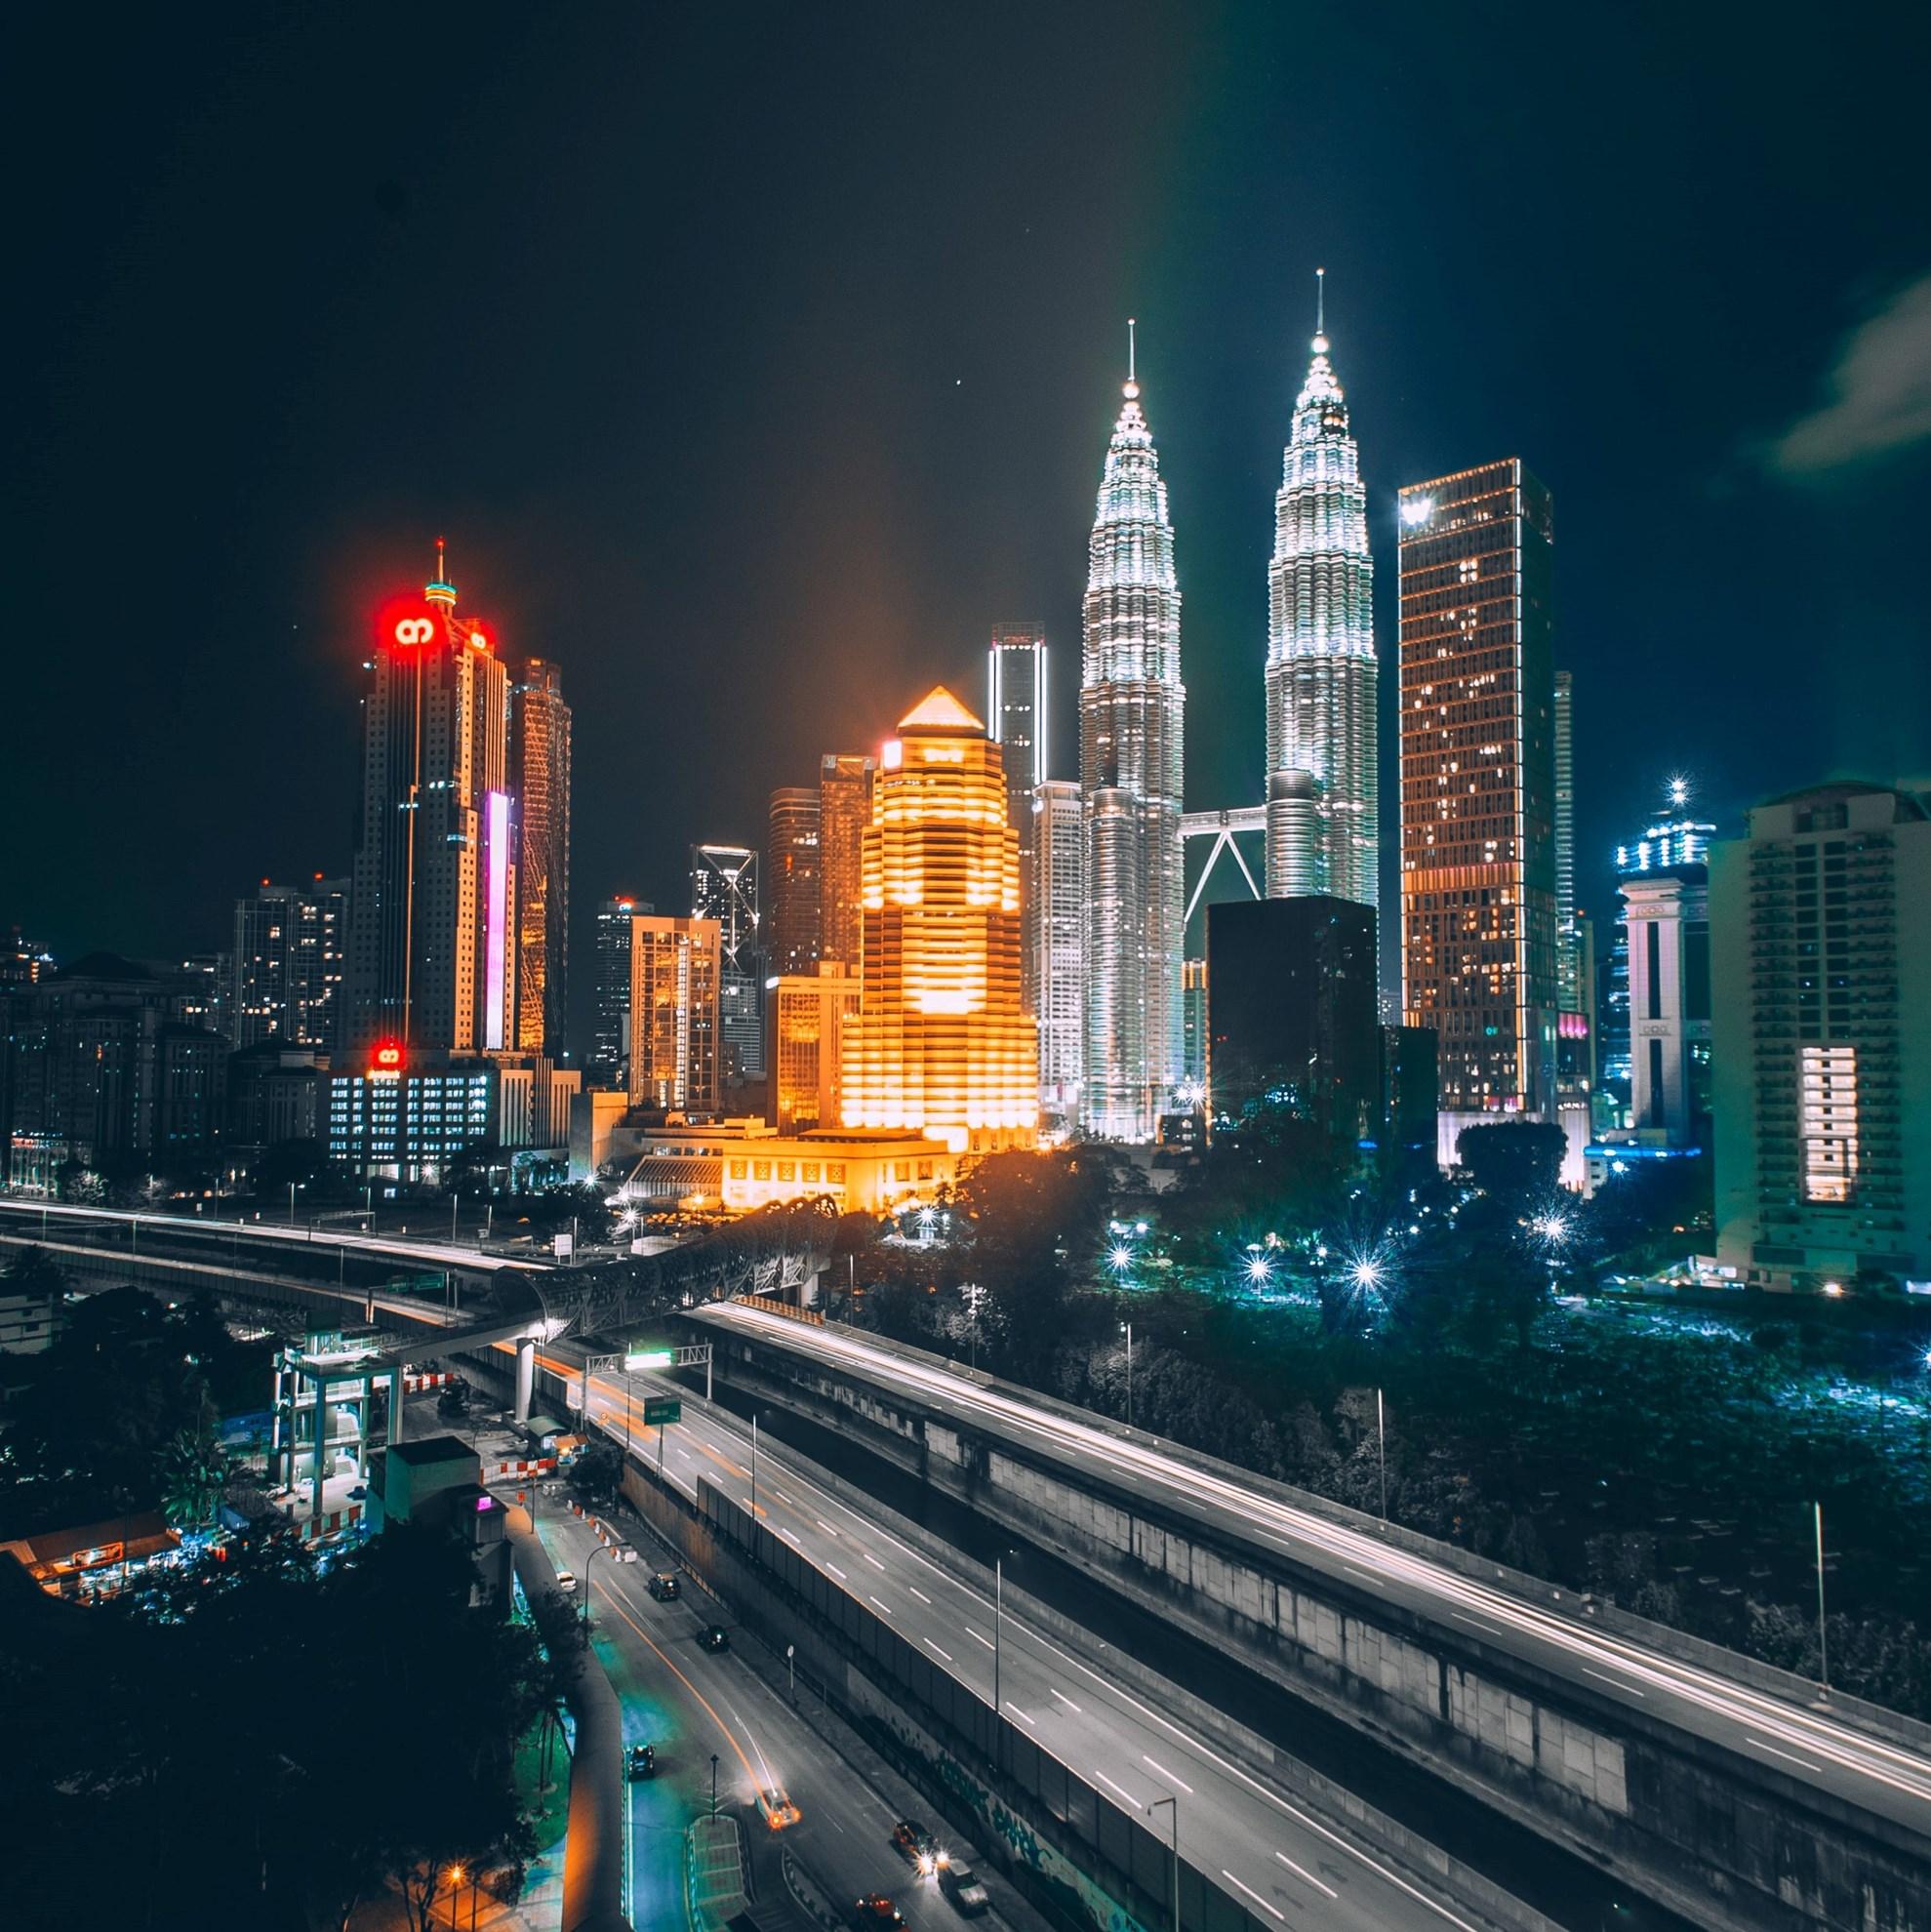 Hình đại điện của danh mục Kuala Lumpur